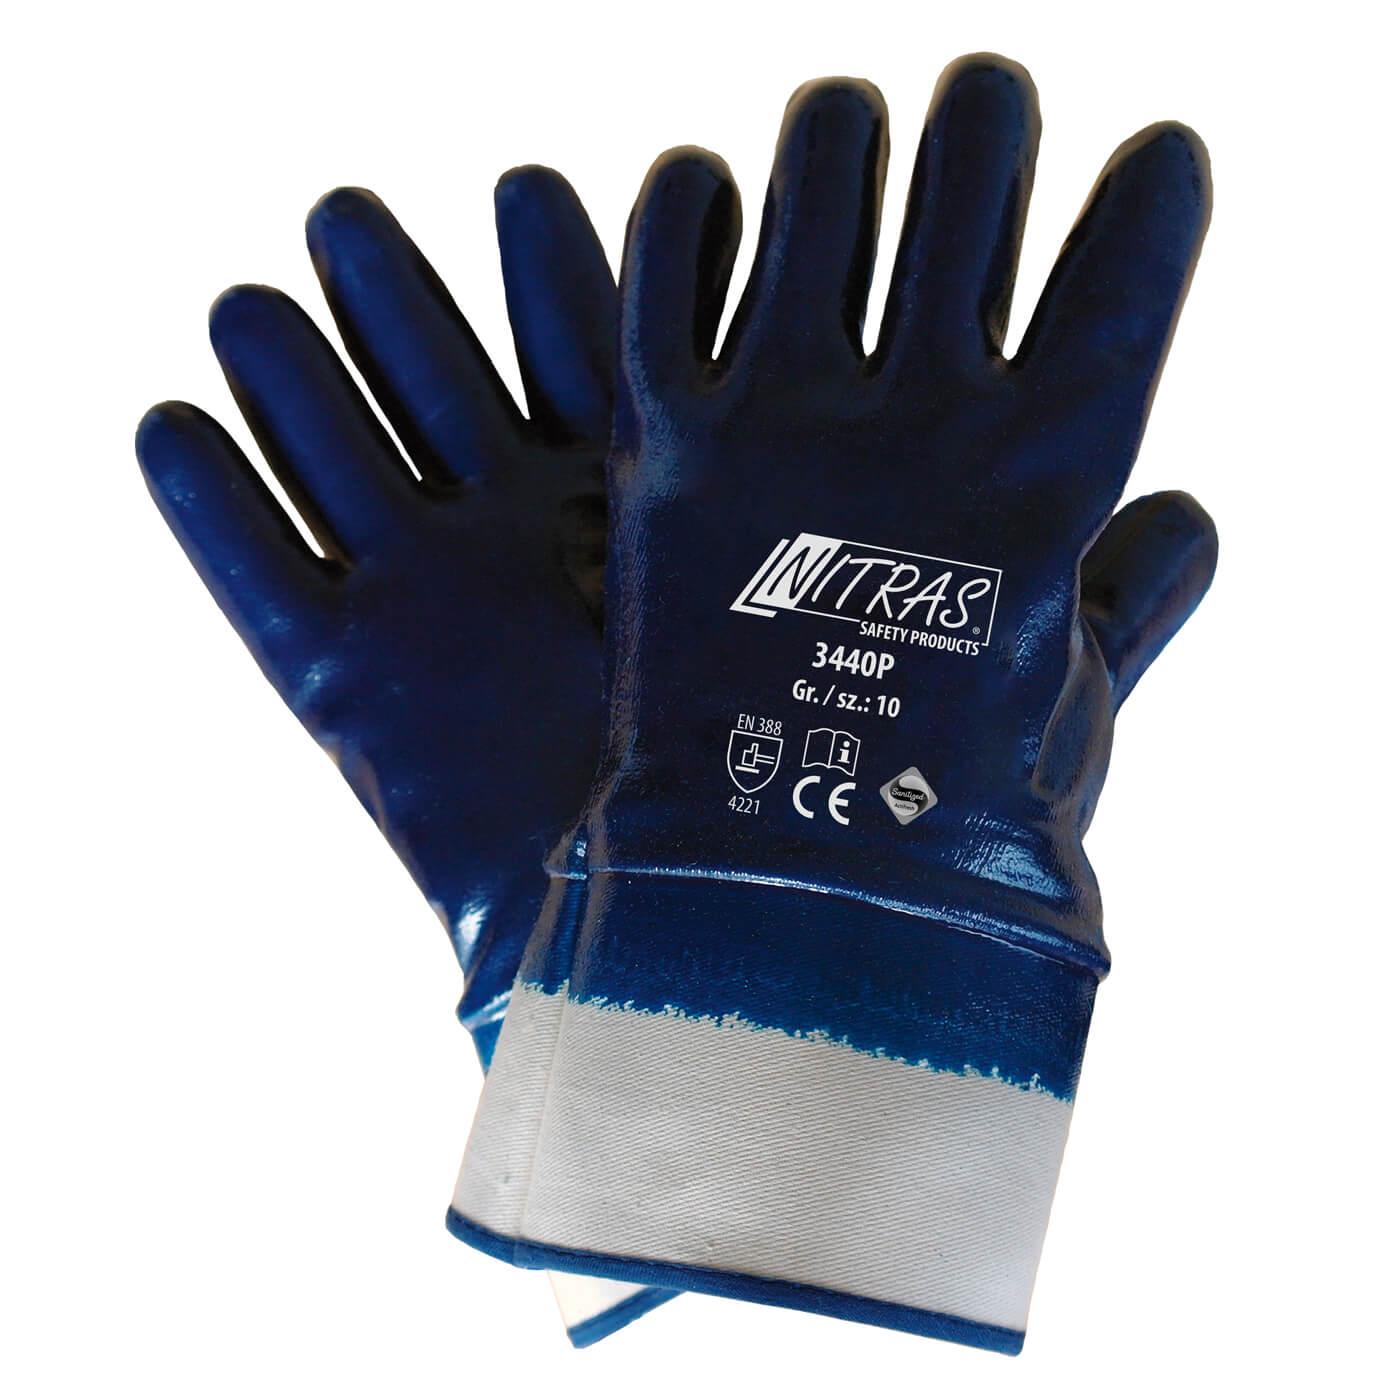 Rękawice nitrylowe Nitras 3440P